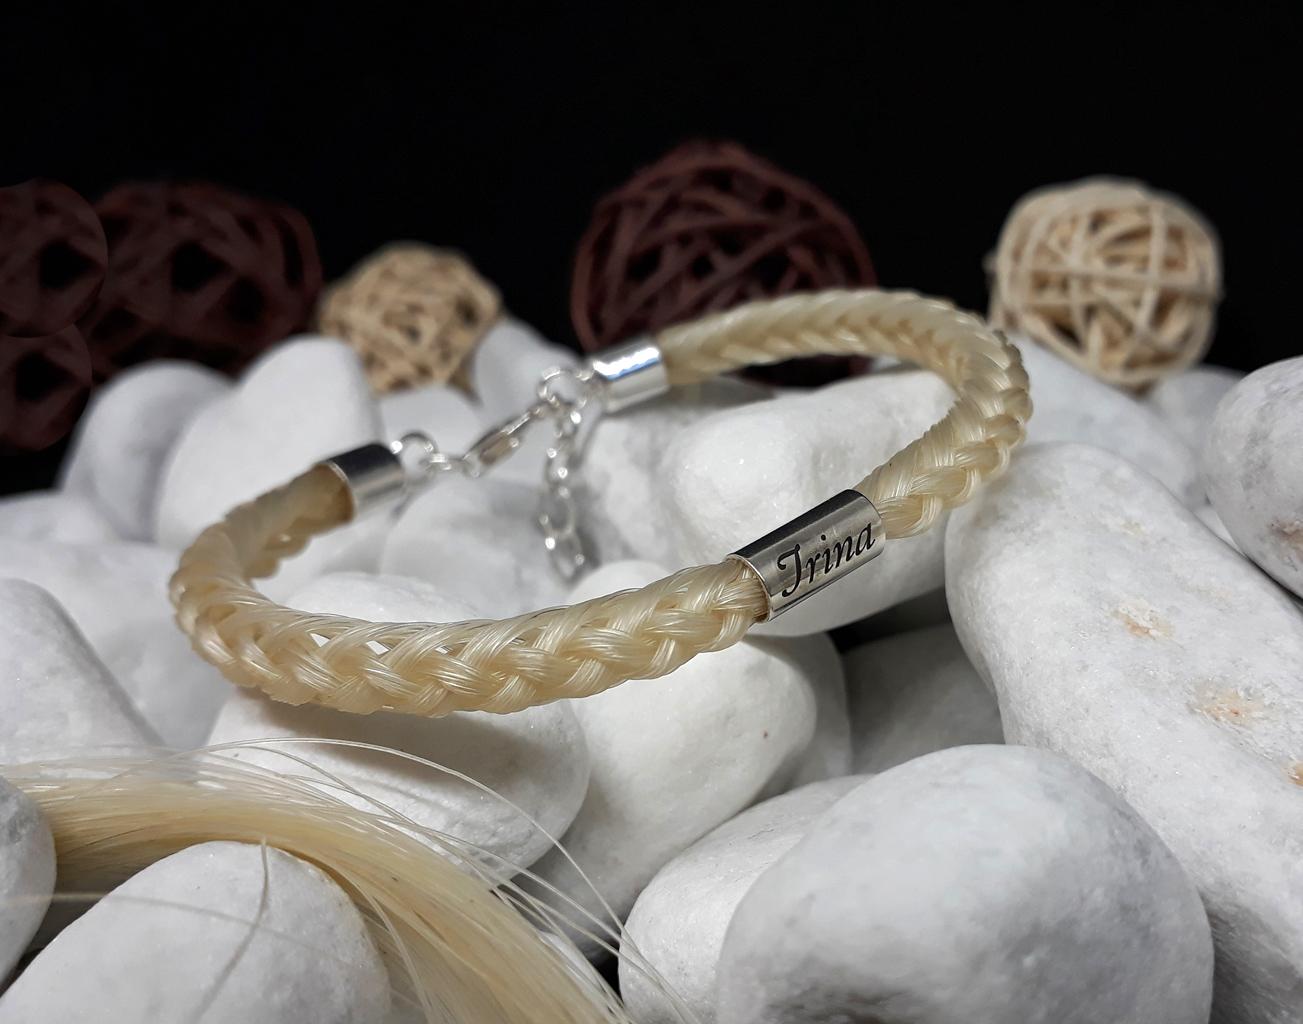 R8-Gravur-Silberhülse (dick): Rund geflochtenes Armband aus 8 Strängen mit 925er Silber-Hülse (dick) mit Gravur, mit 925er Silber-Karabinerverschluss - Preis: 79 Euro